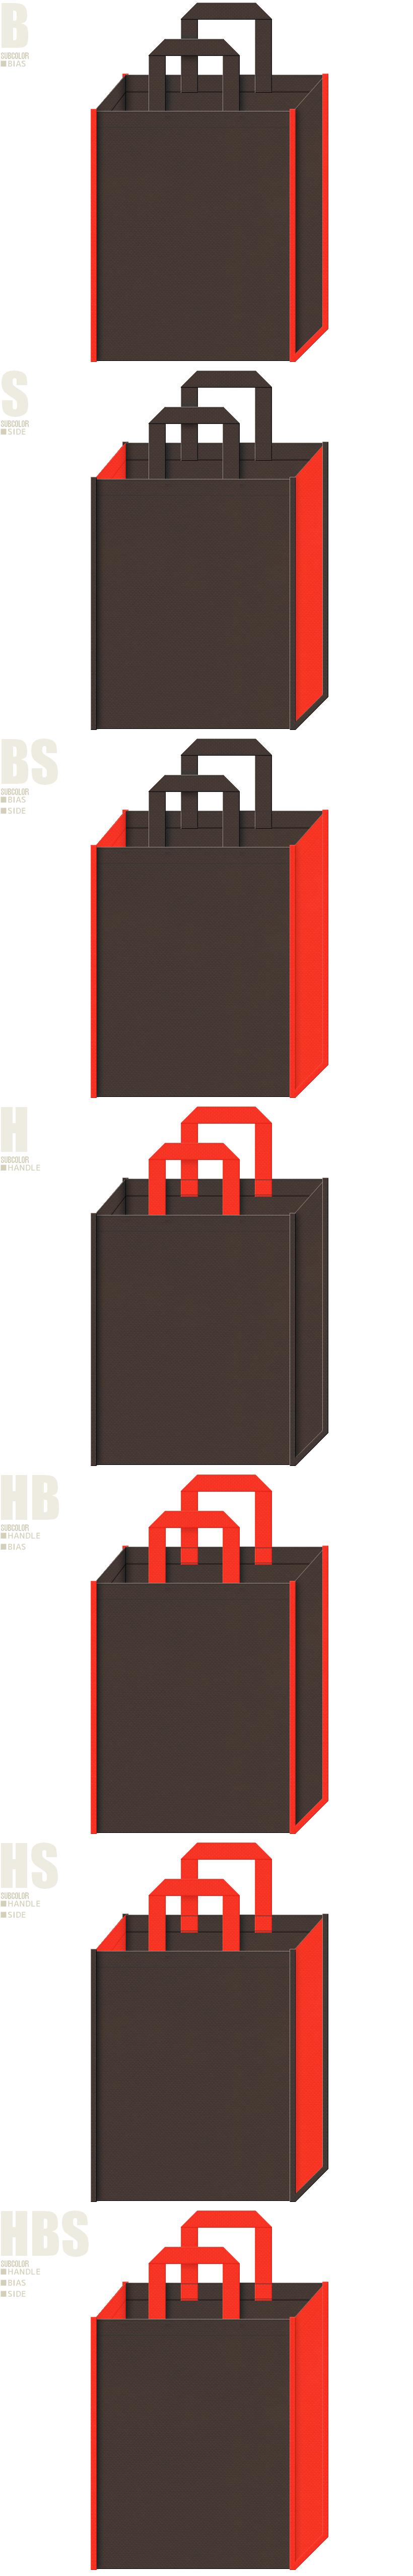 紅茶・お菓子・ハロウィンの不織布バッグにお奨めの配色です。こげ茶色とオレンジ色の配色7パターン